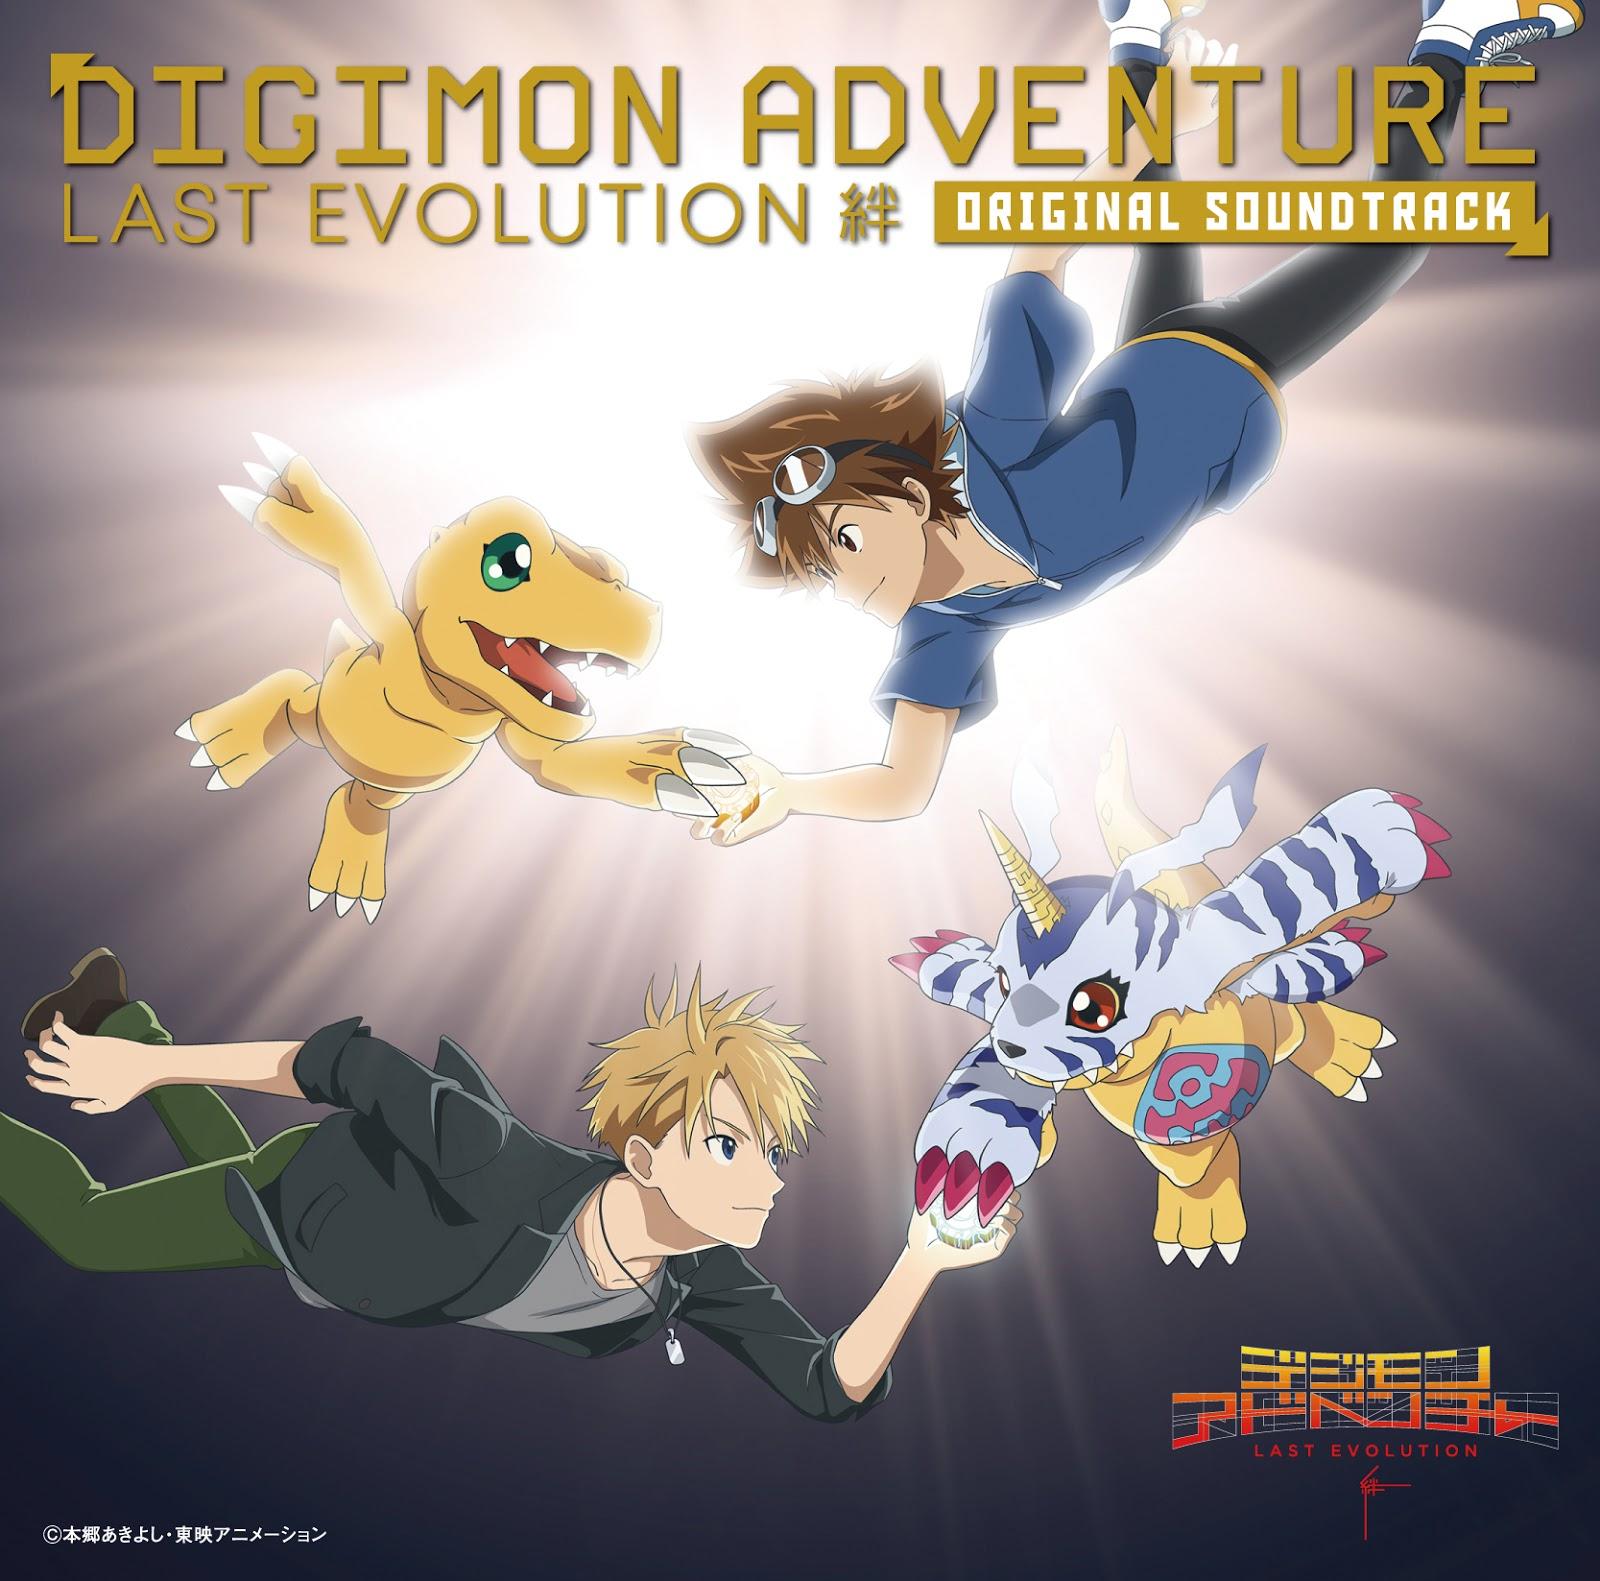 デジモンアドベンチャ - LAST EVOLUTION 絆 オリジナルサウンドトラック [2020.07.29+MP3+RAR]